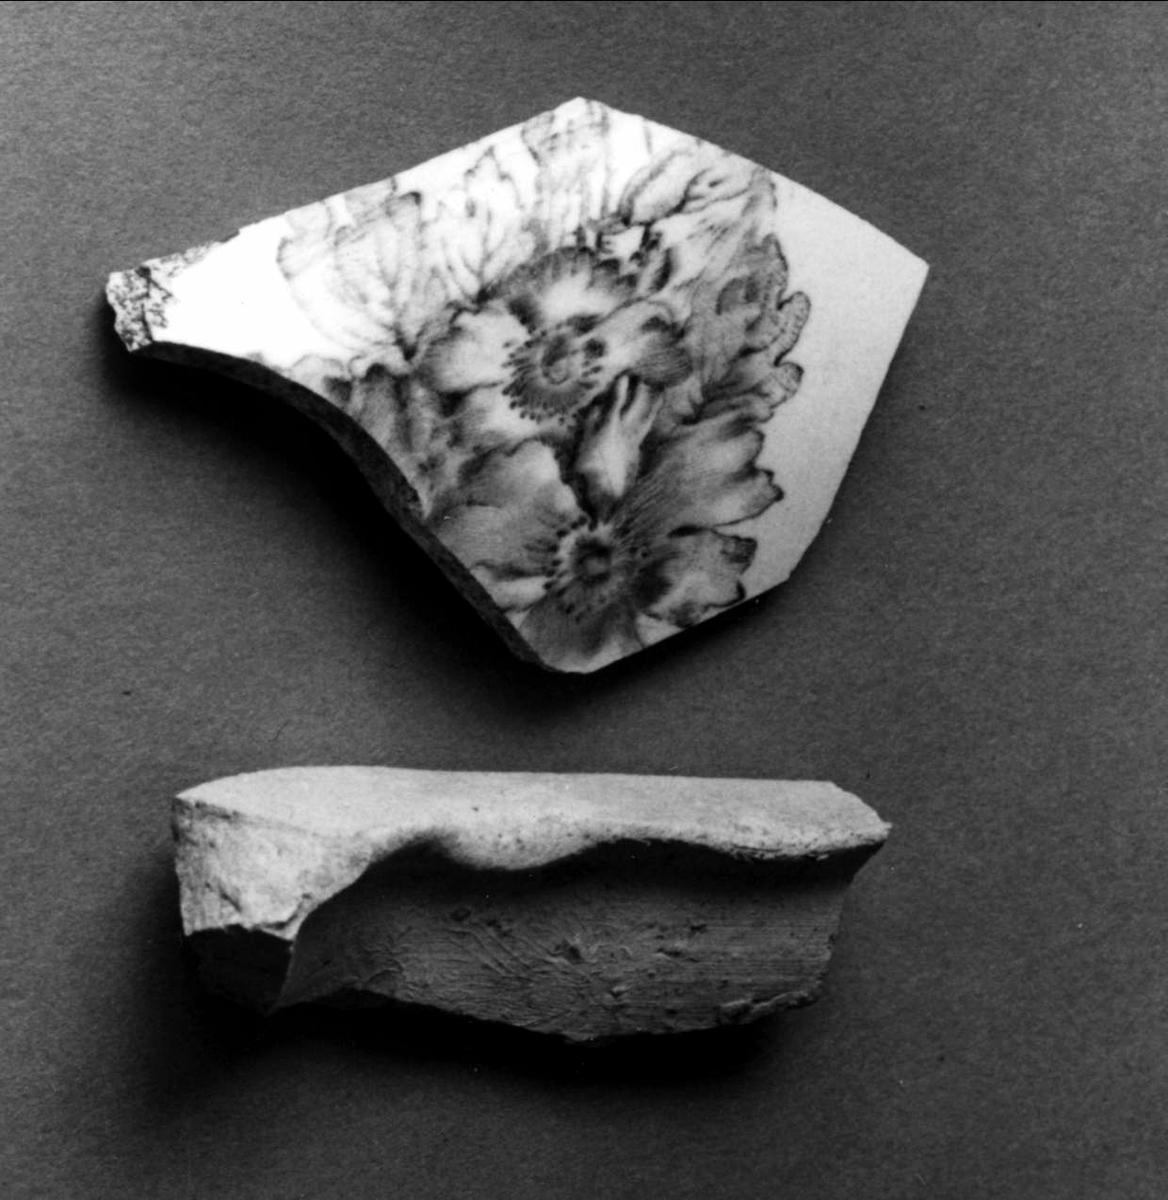 Samlingen utgörs av 2 kakelfragment, 1 porslinsfragment , glaserat och dekorerat av blommönster samt 1 fragment av kritpipskaft.